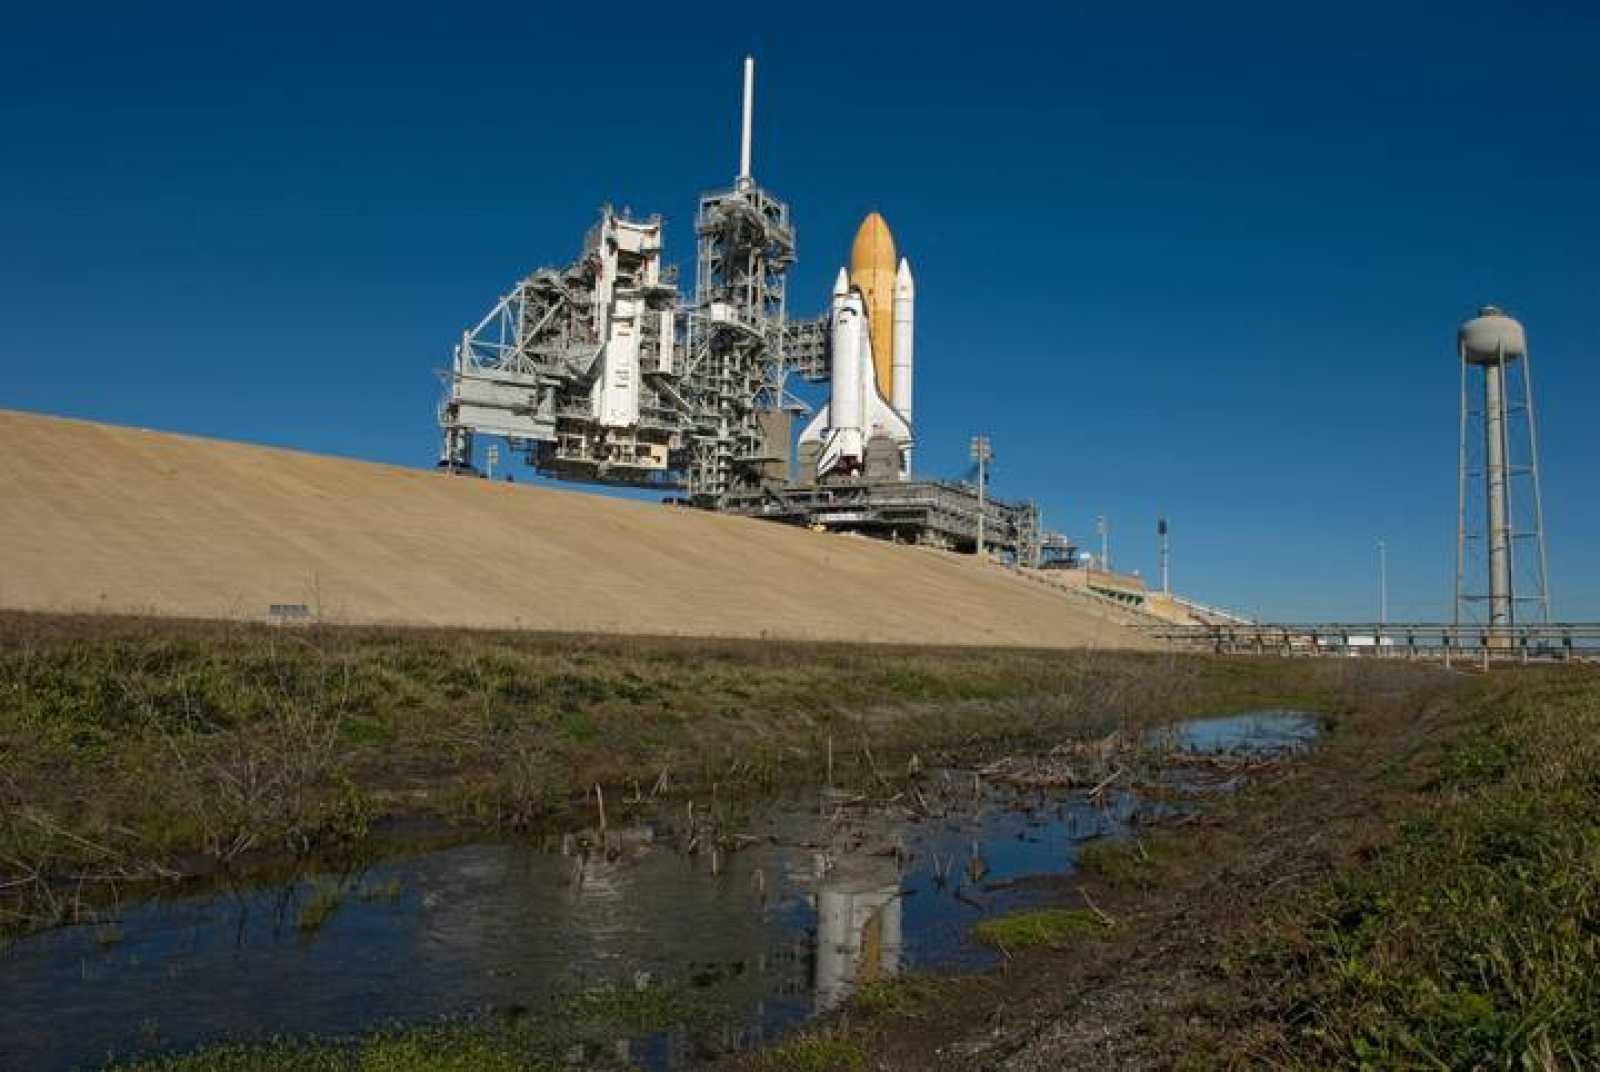 El transbordador Endeavour en las instalaciones del Centro Espacial Kennedy en Cabo Cañaveral, Florida